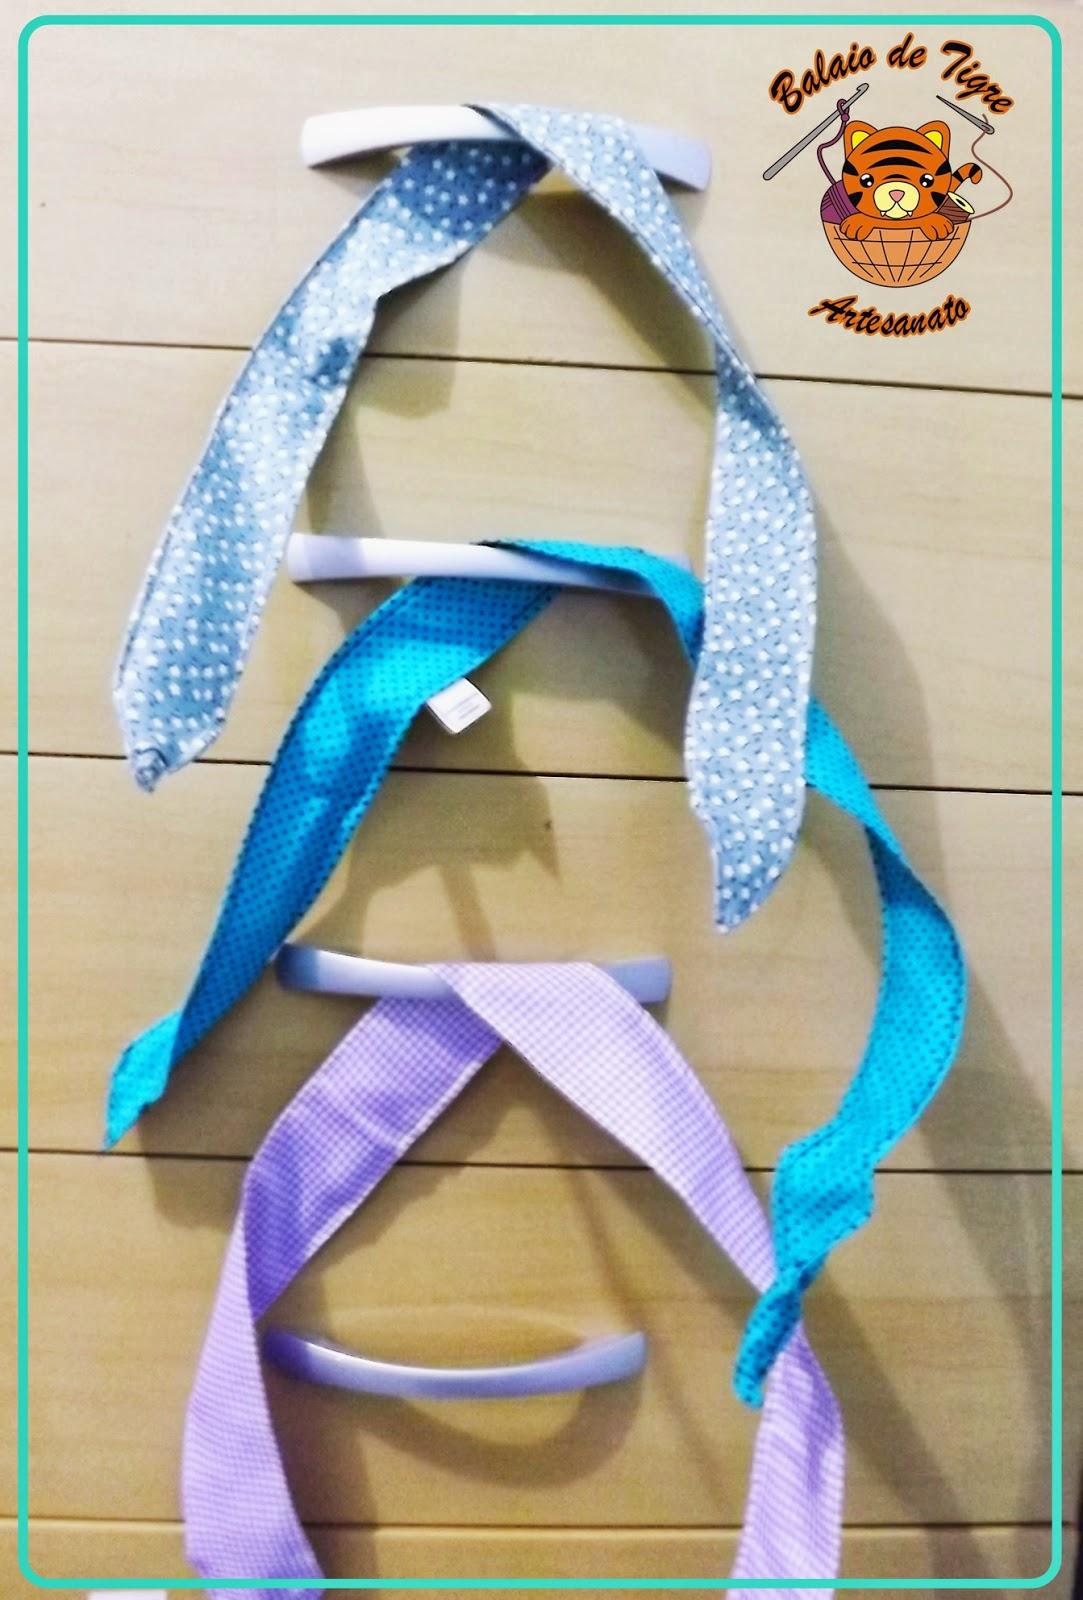 dolly bows faixa cabelo balaio de tigre artesanato